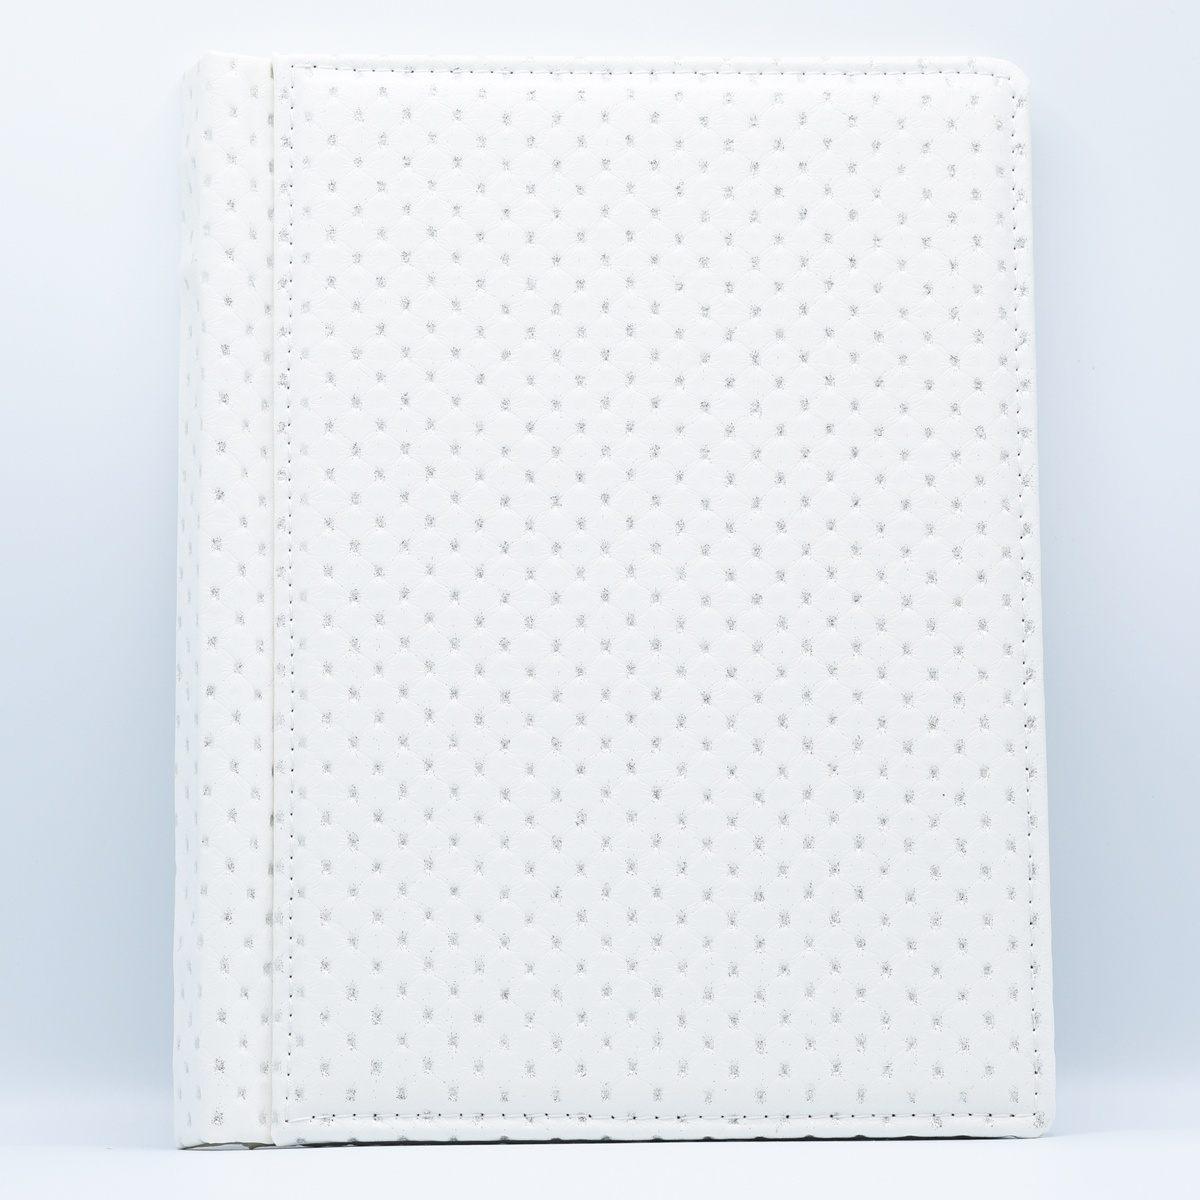 Coperta alba cu puncte argintii